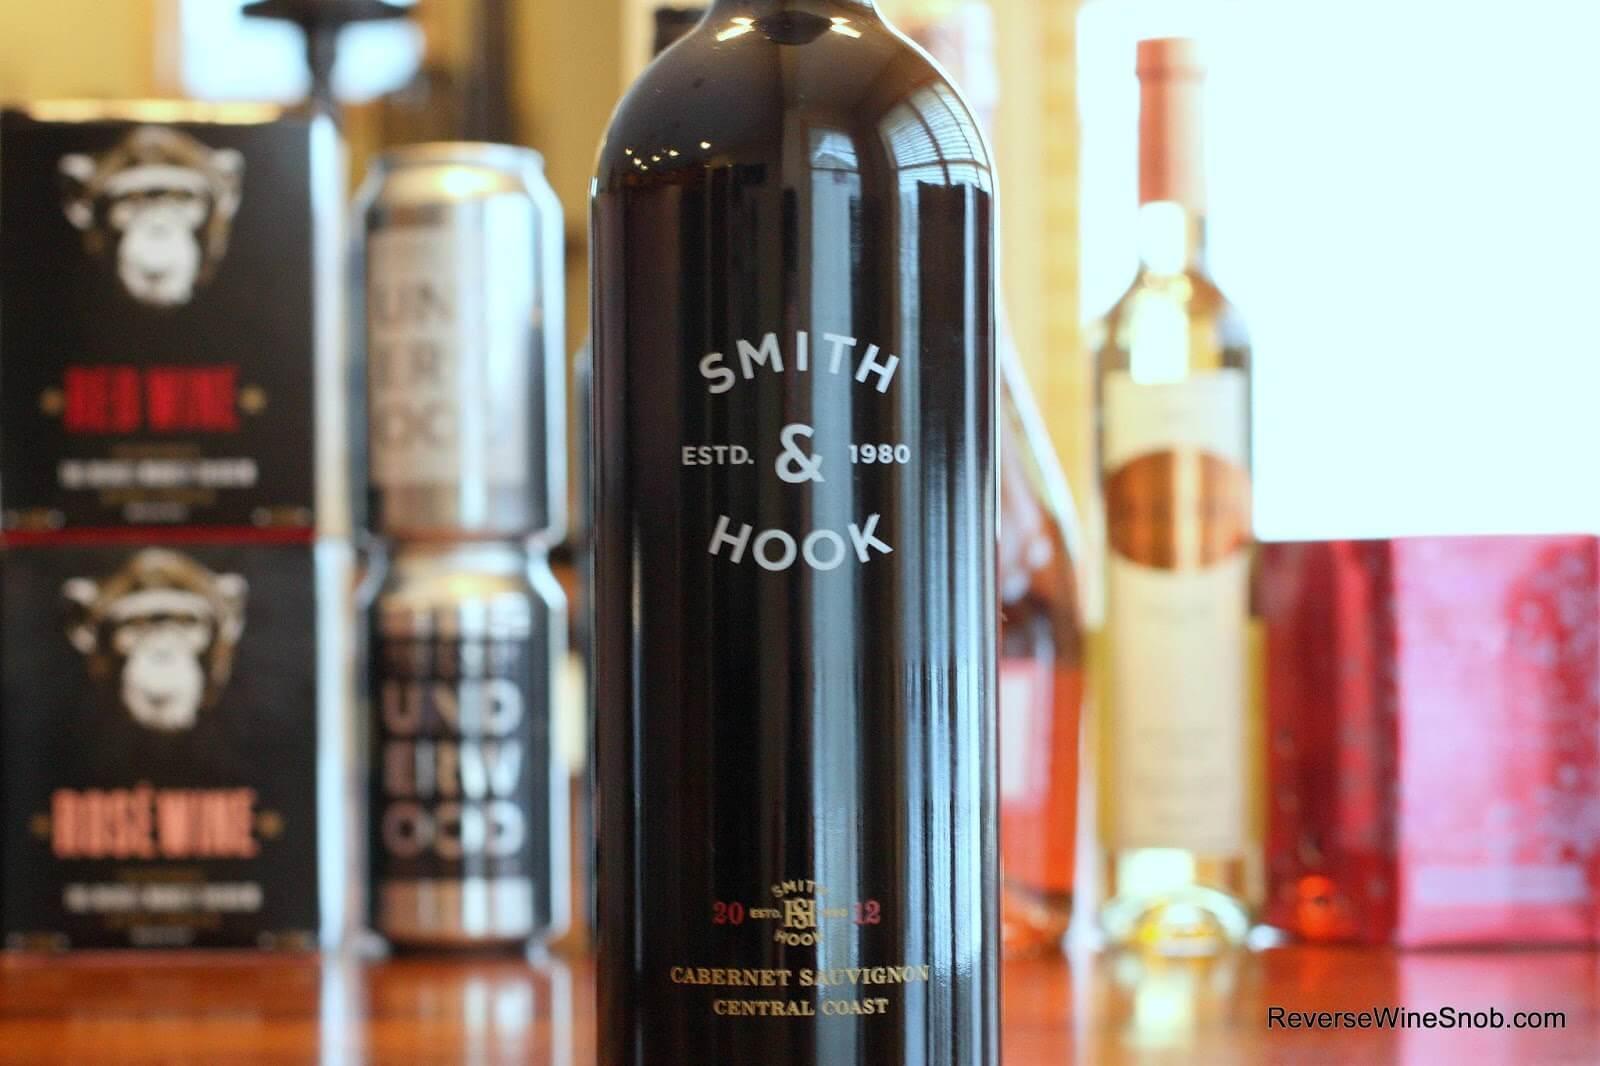 2012-Smith-Hook-Cabernet-Sauvignon